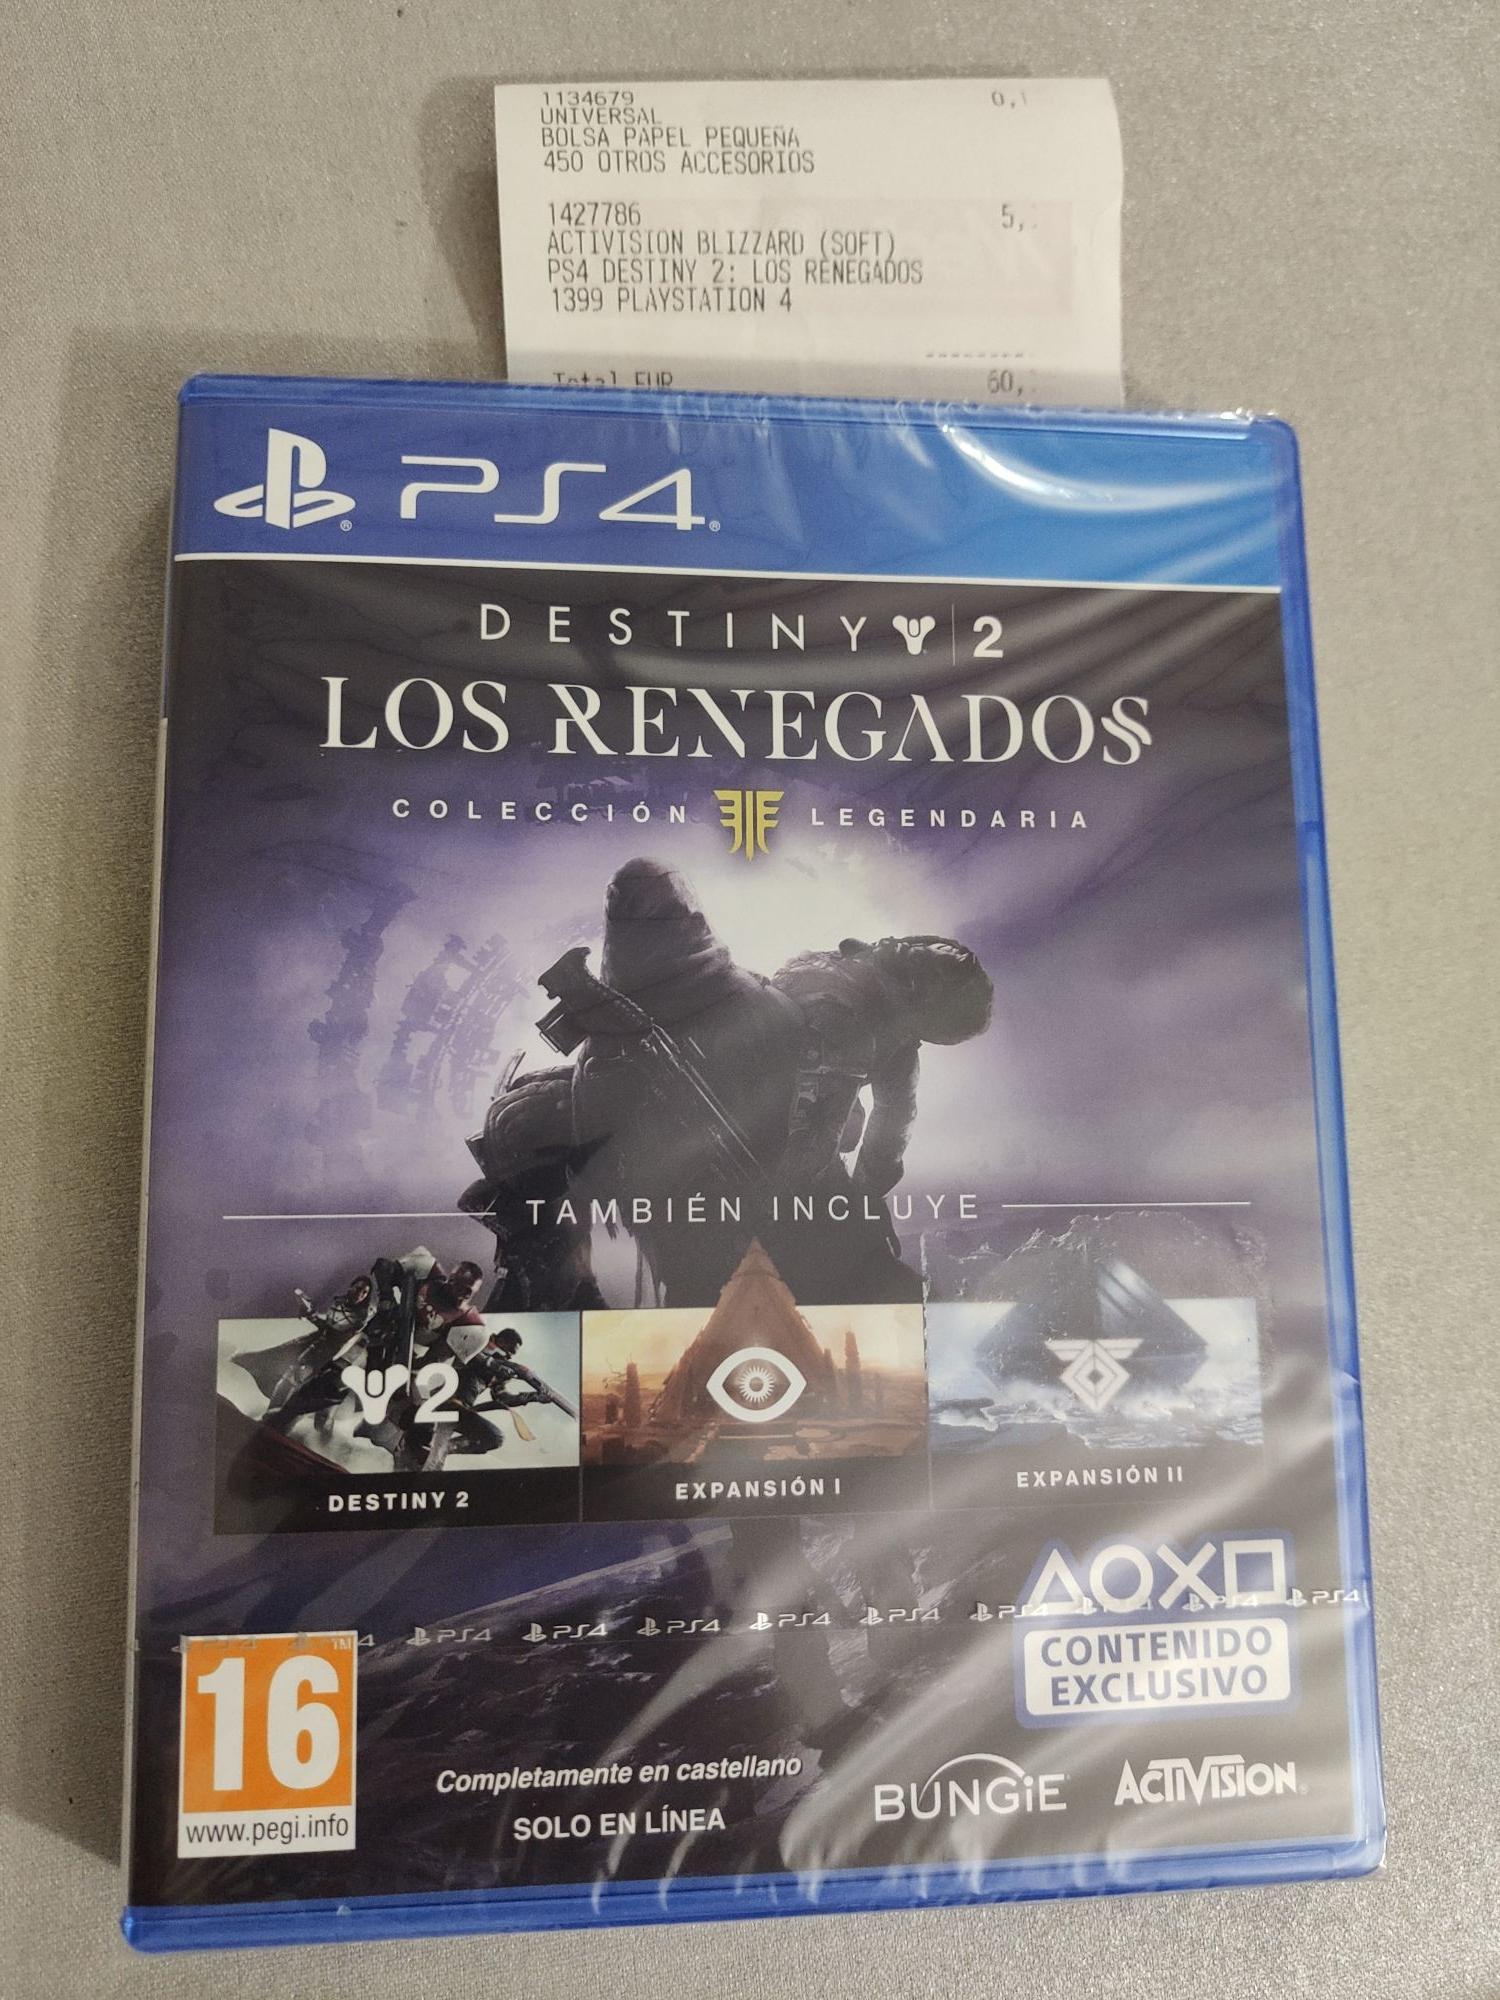 Destiny 2 colección legendaria ps4 (MediaMarkt de Sant Cugat)